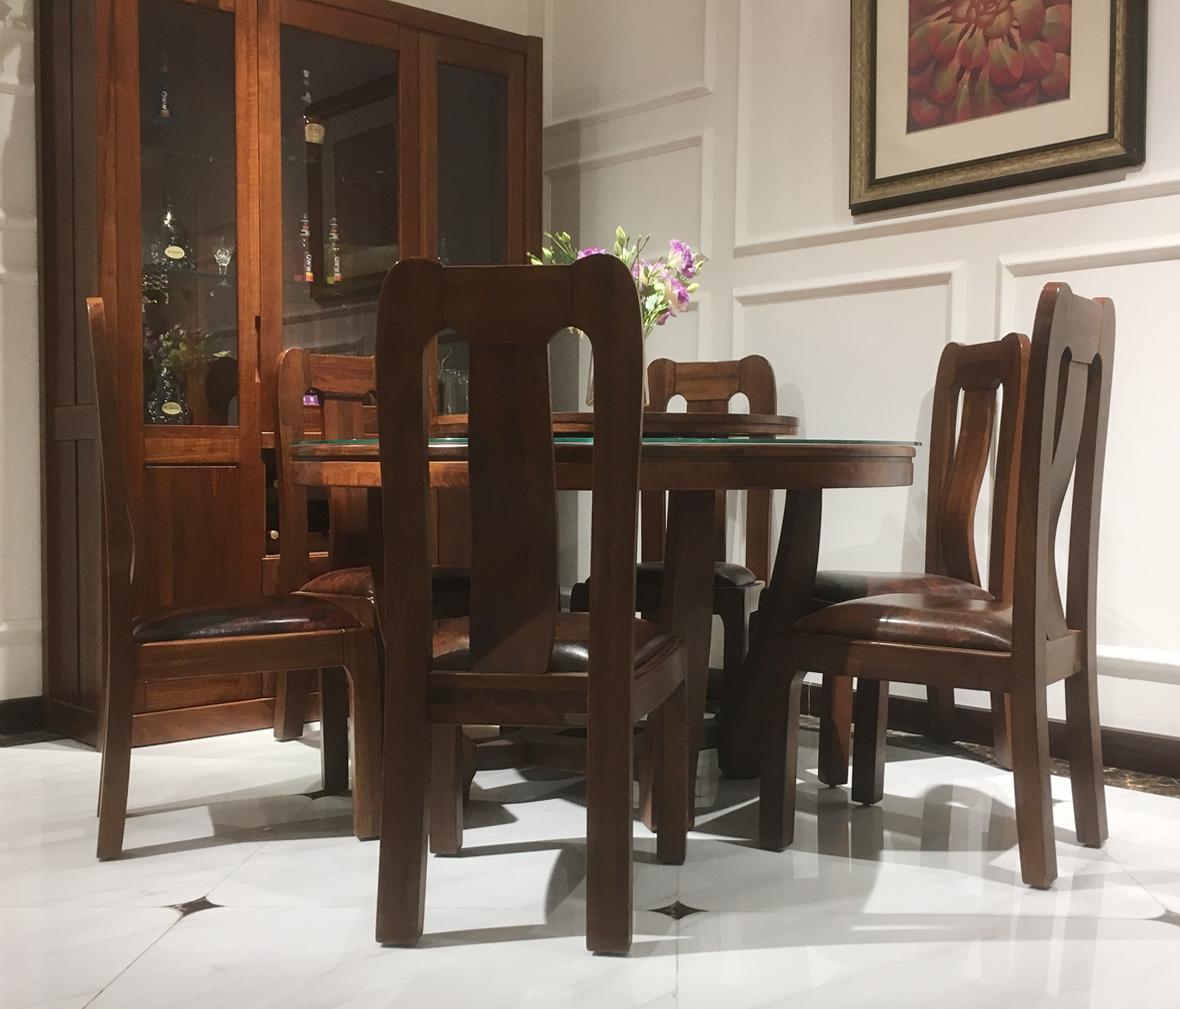 莫霞家居 103餐桌(含转盘) 黑胡桃材质圆餐桌 实木家具